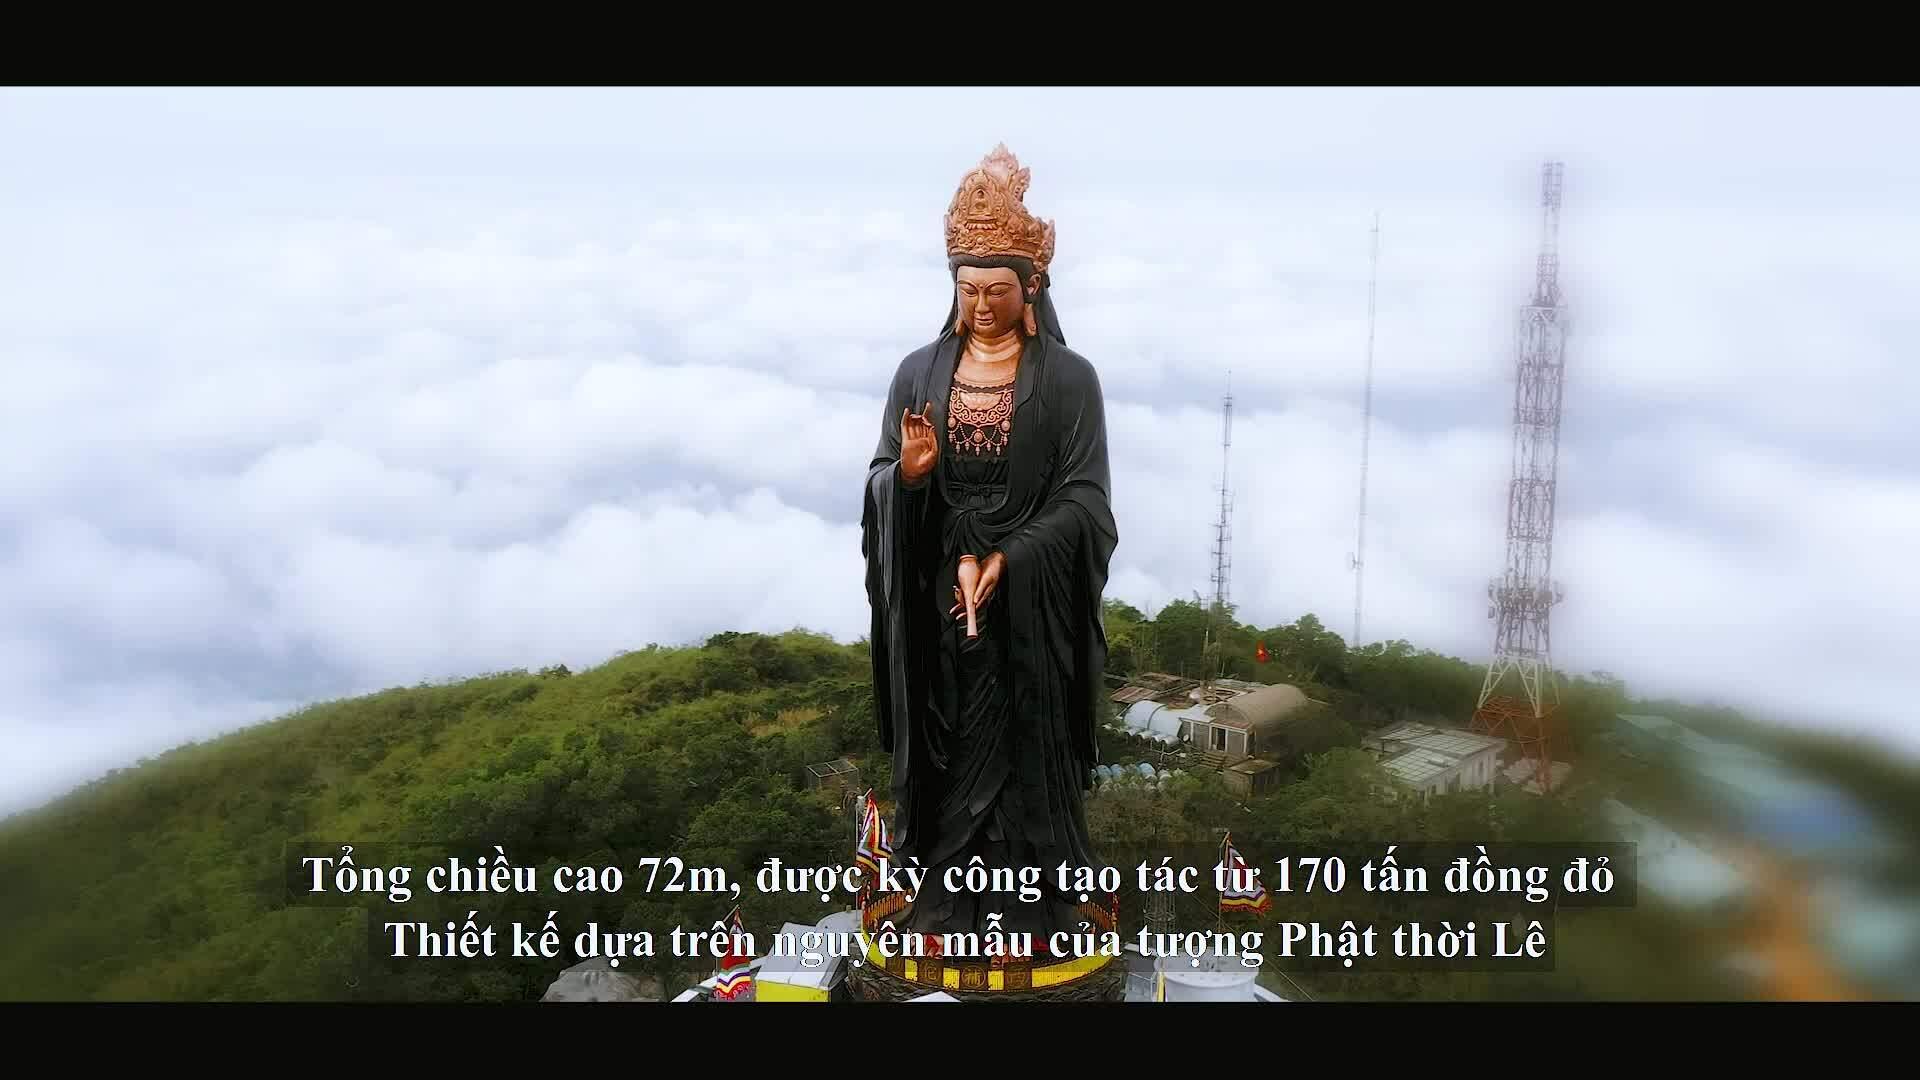 Tây Ninh - điểm đến du xuân, bái Phật đầu năm